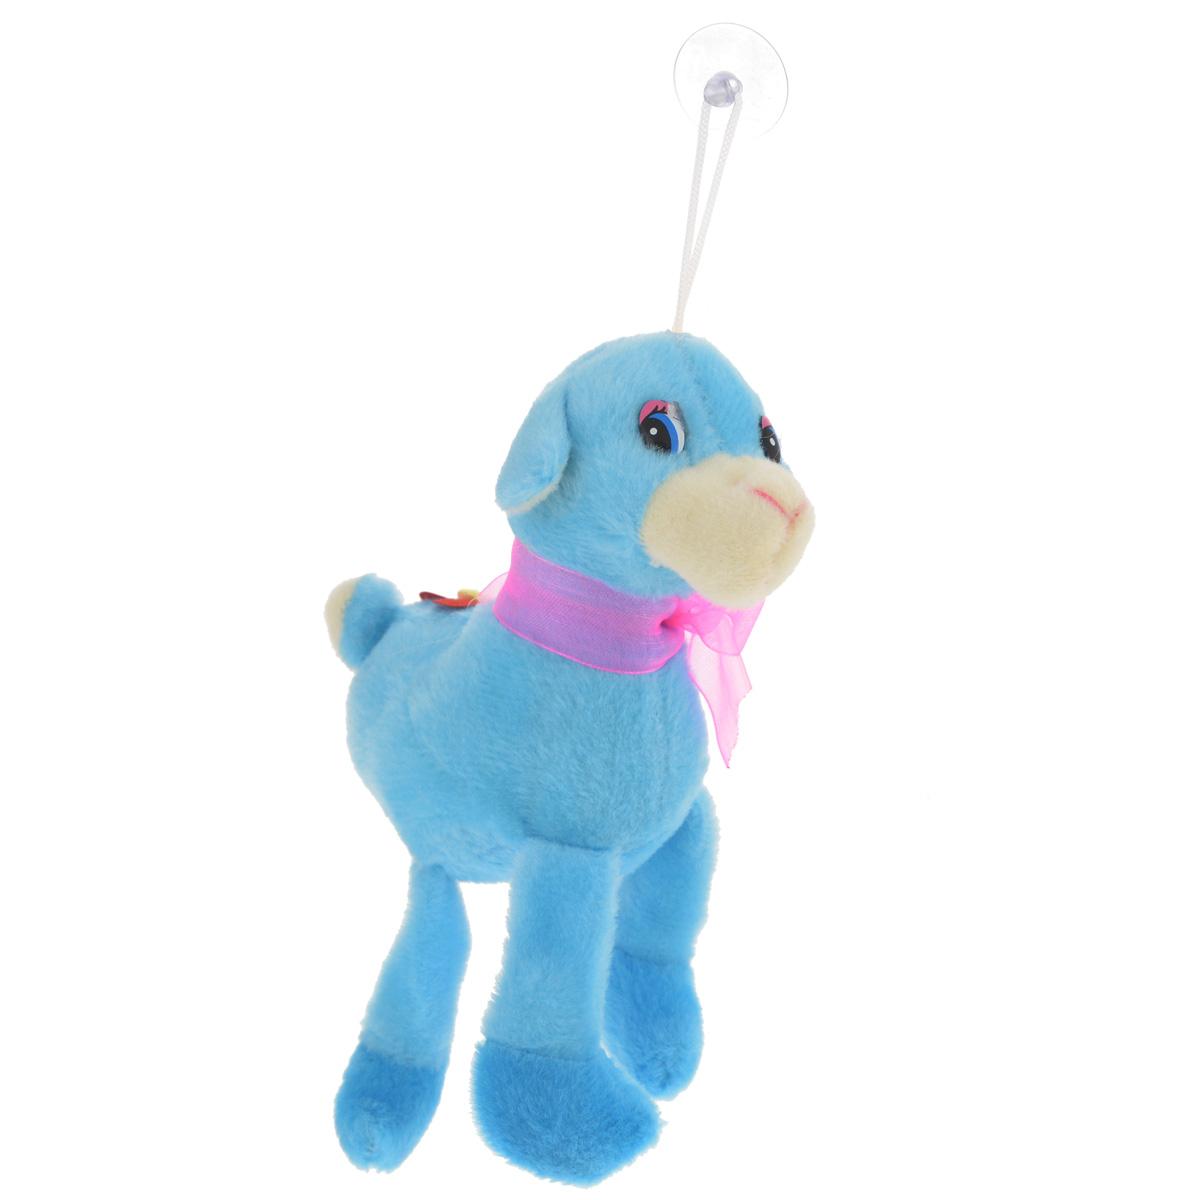 Мягкая игрушка Sima-land Овечка, на присоске, цвет: голубой, 15 см. 511090NLED-424-2.5W-RОчаровательная мягкая игрушка Sima-land Овечка не оставит вас равнодушным и вызовет улыбку у каждого, кто ее увидит. Игрушка выполнена из искусственного меха и текстиля в виде забавной овечки, украшенной ярким бантом и цветком. К голове игрушки прикреплена петелька с силиконовой присоской, что позволит расположить ее в удобном месте. Мягкая и приятная на ощупь игрушка станет замечательным подарком, который вызовет массу положительных эмоций.